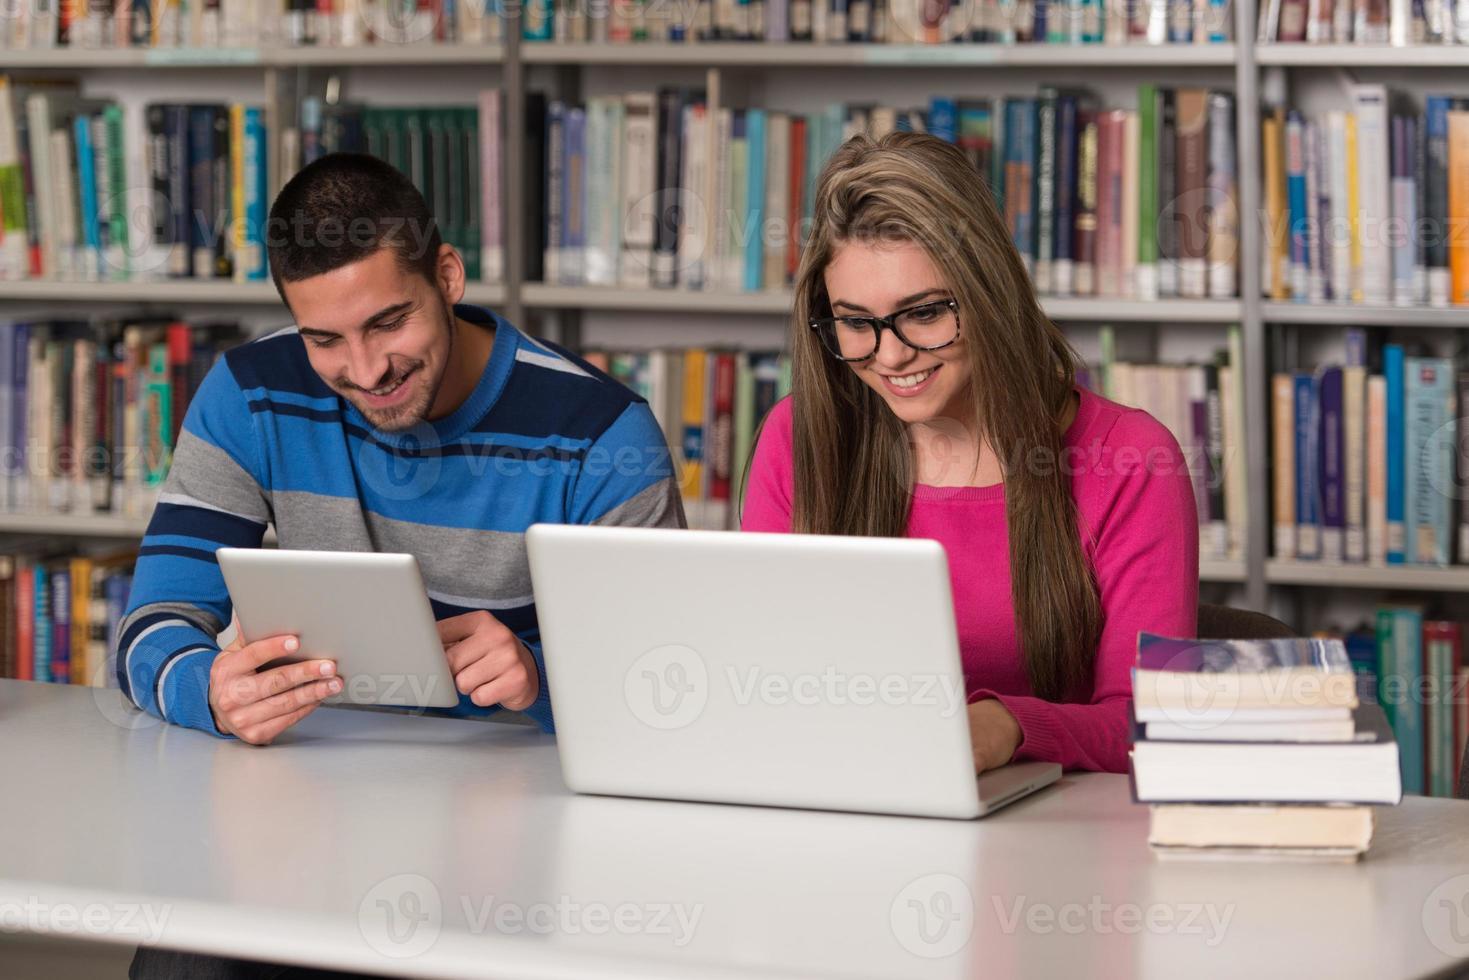 jeunes étudiants utilisant un ordinateur portable et une tablette dans une bibliothèque photo